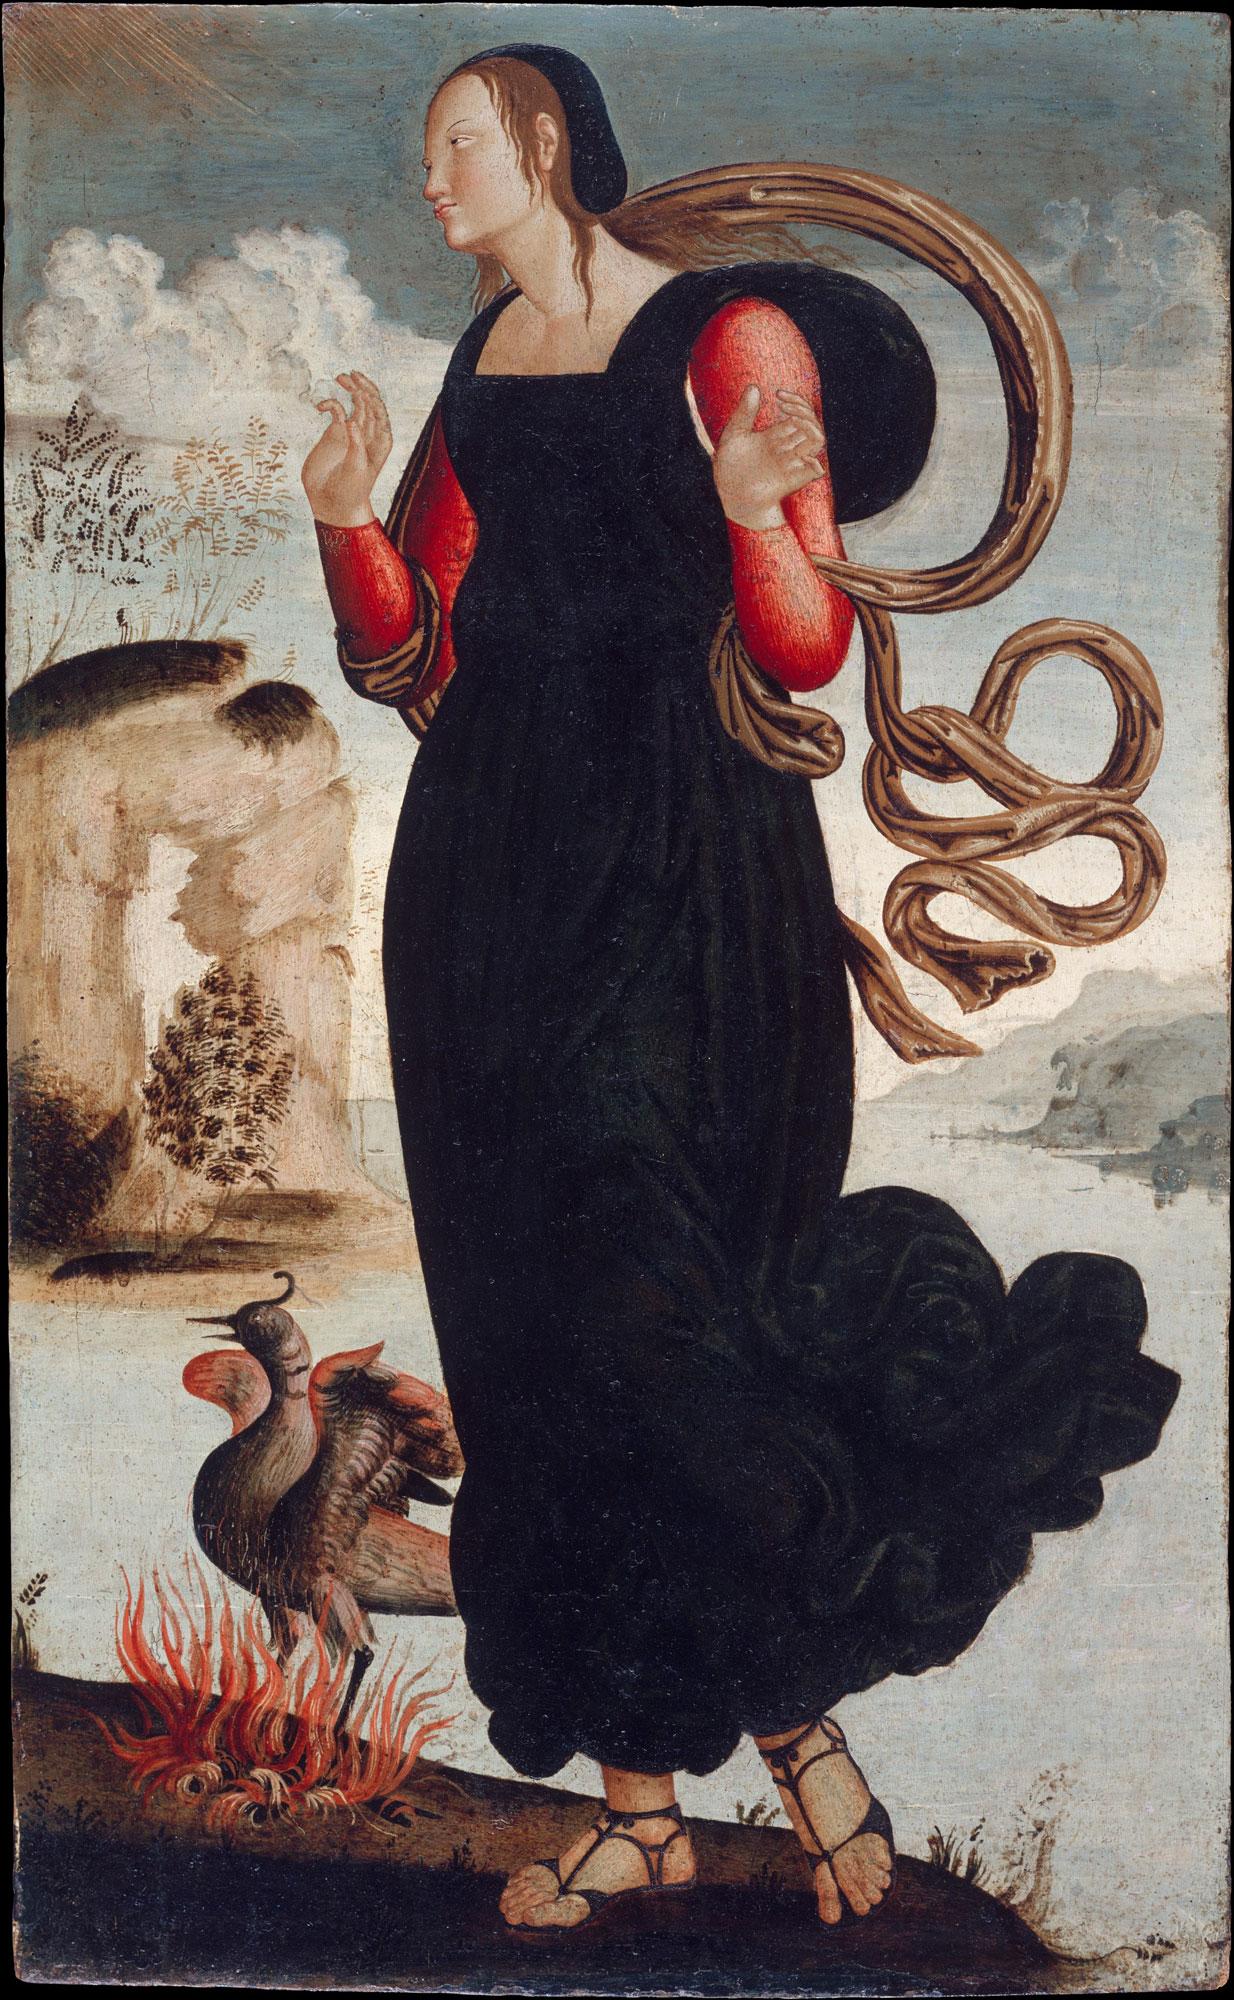 La Virtud de la Esperanza. Pintor anónimo de Umbría, año 1500 aproxi.